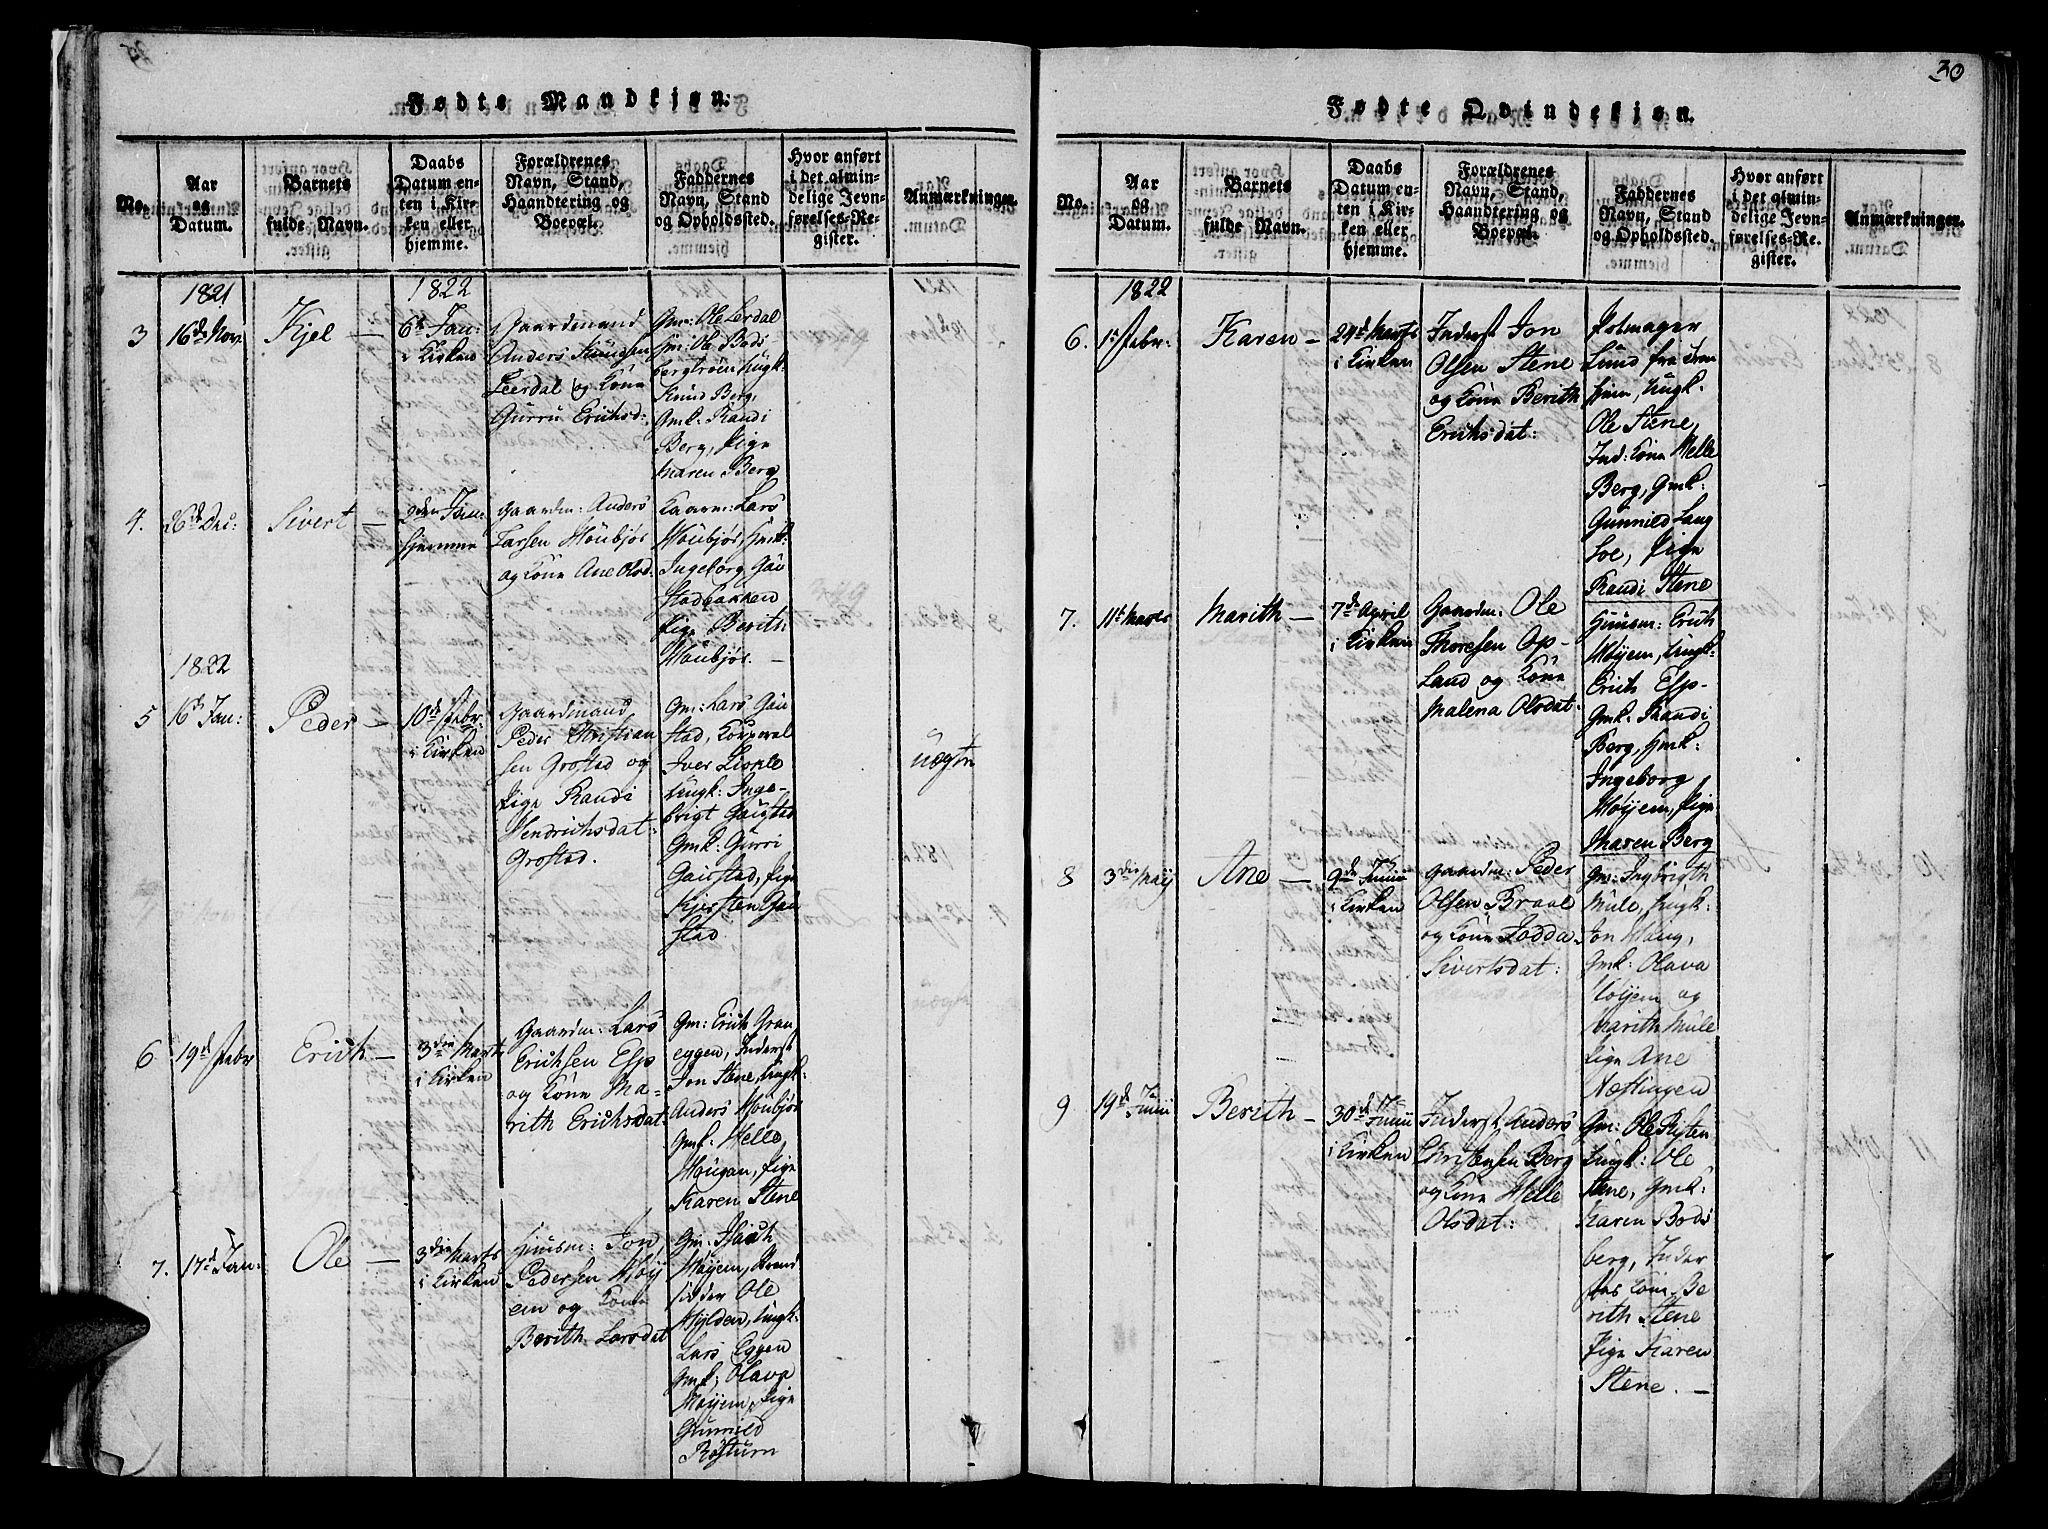 SAT, Ministerialprotokoller, klokkerbøker og fødselsregistre - Sør-Trøndelag, 612/L0372: Ministerialbok nr. 612A06 /1, 1816-1828, s. 30